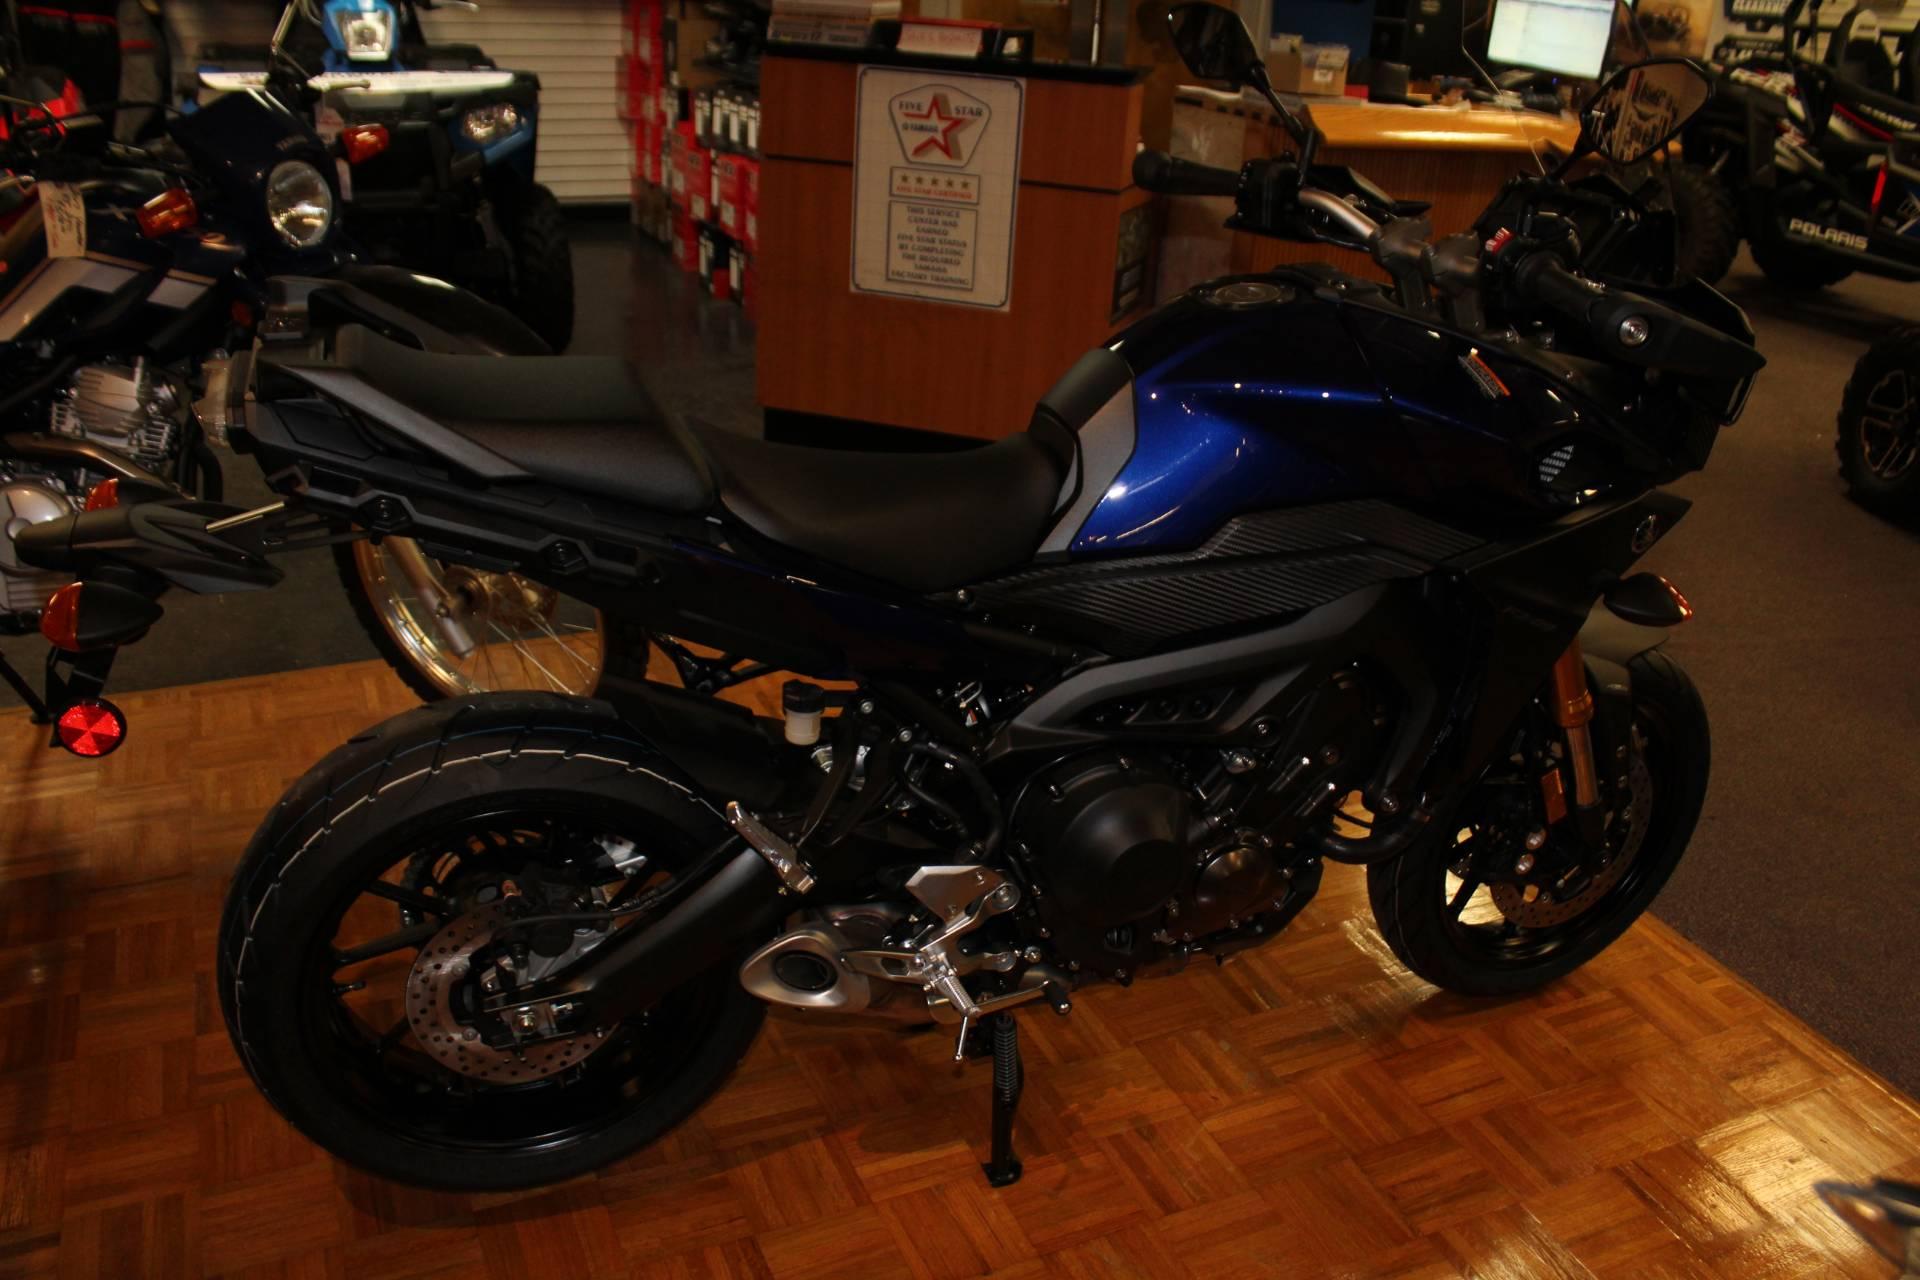 2017 Yamaha FJ-09 7